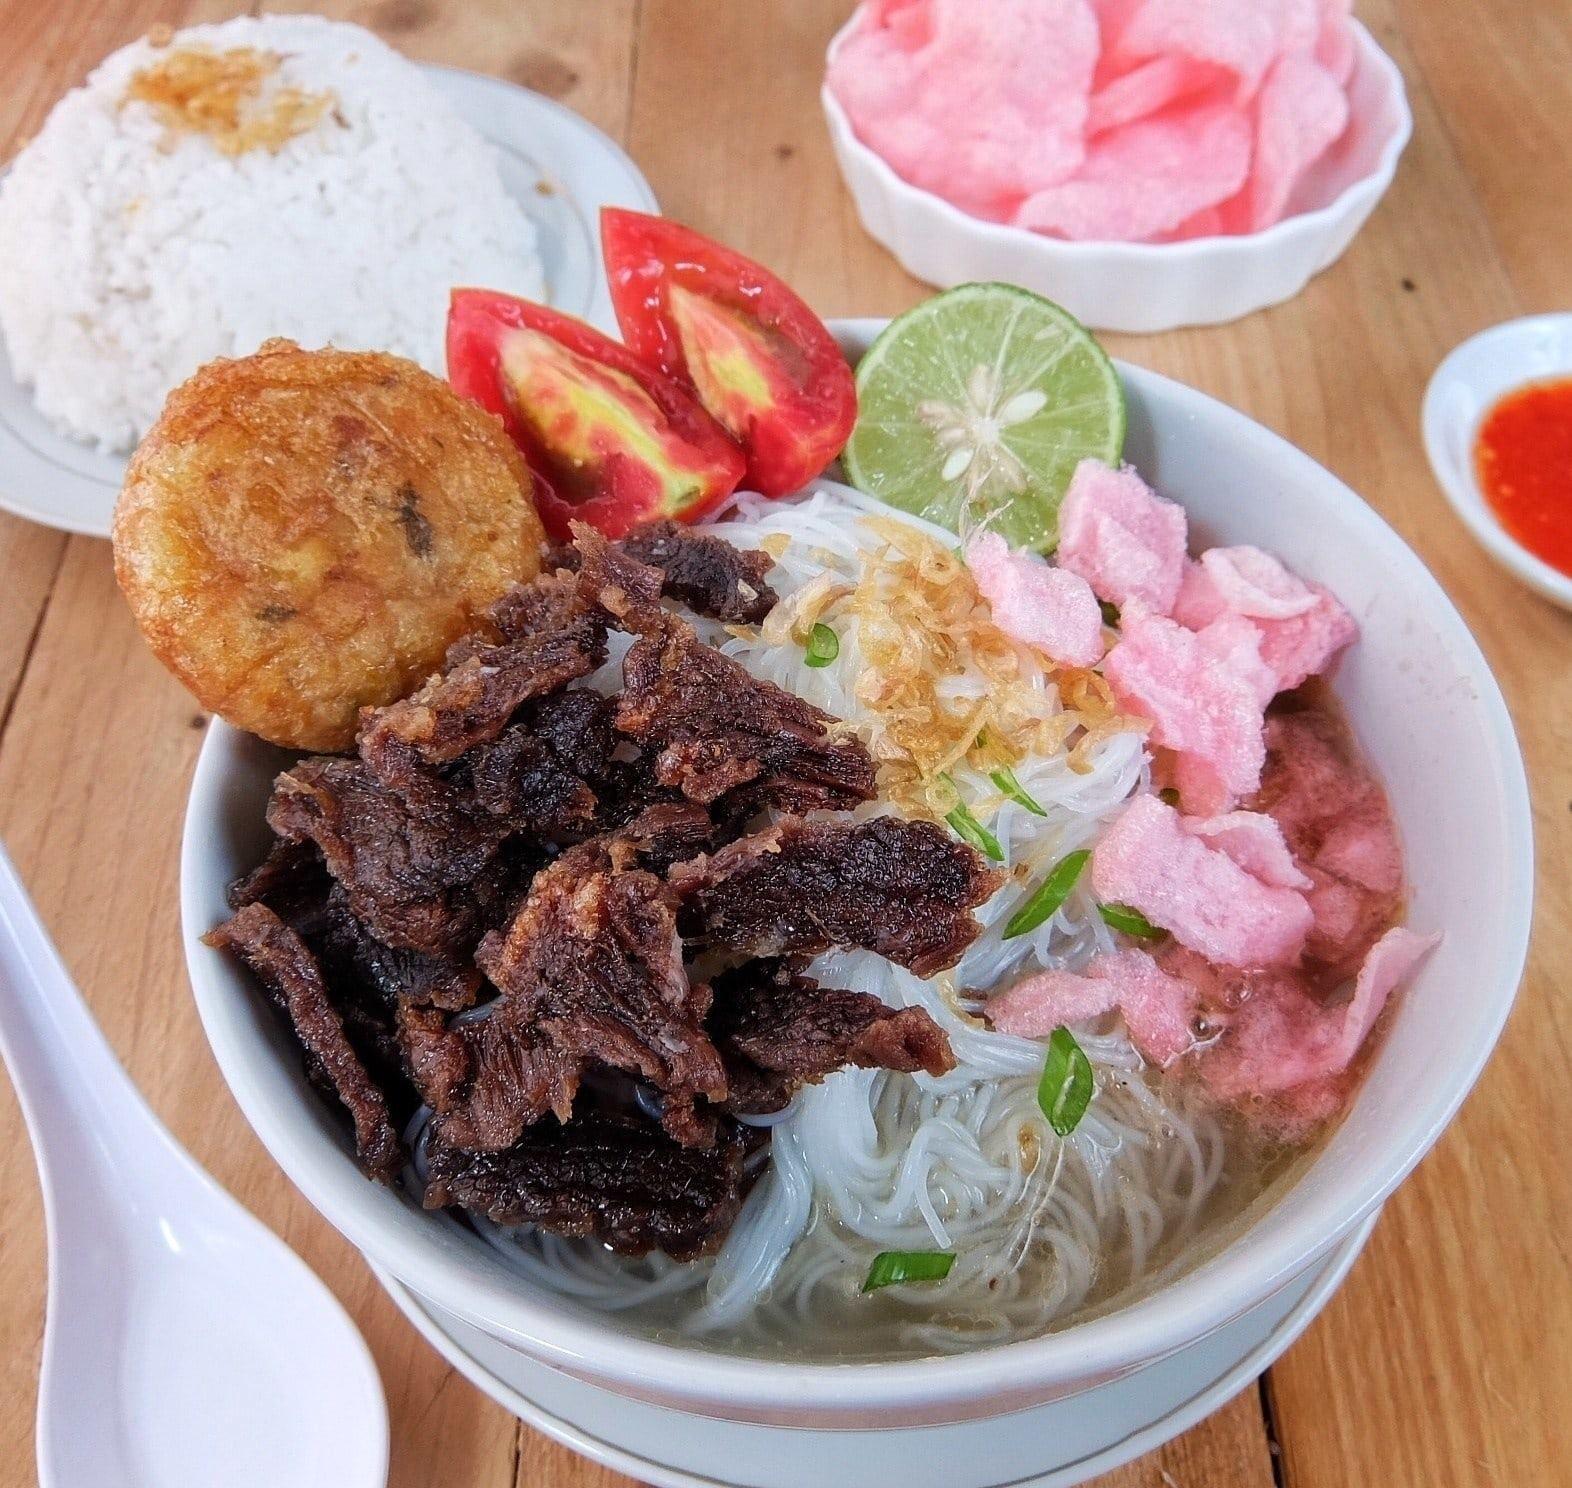 Resep Cara Membuat Masakan Soto Padang Sederhana Resep Resep Masakan Indonesia Masakan